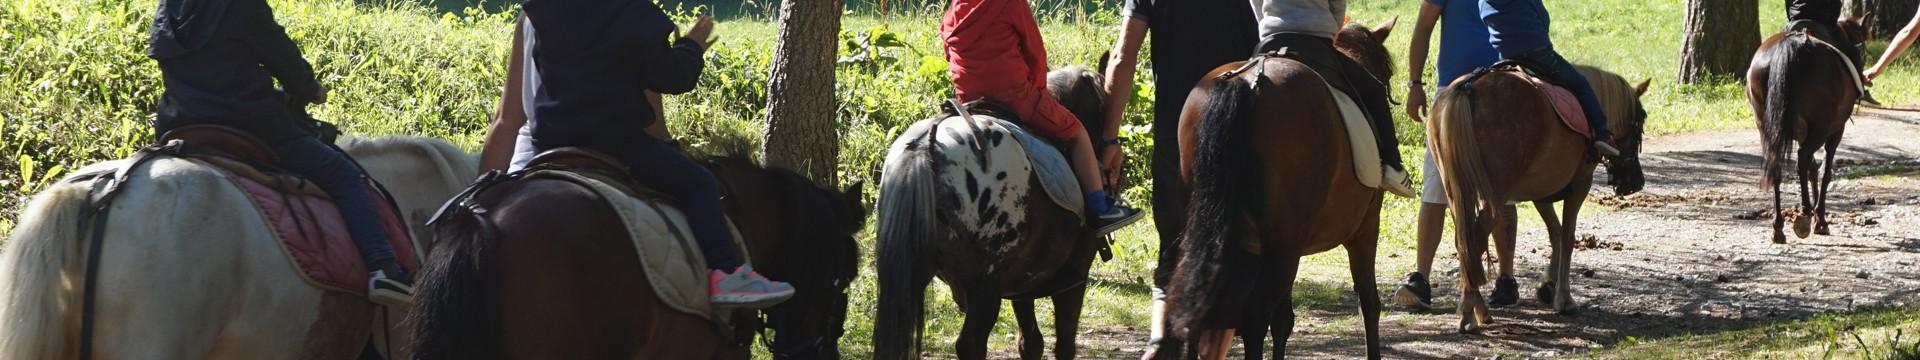 chevaux-ete-9186